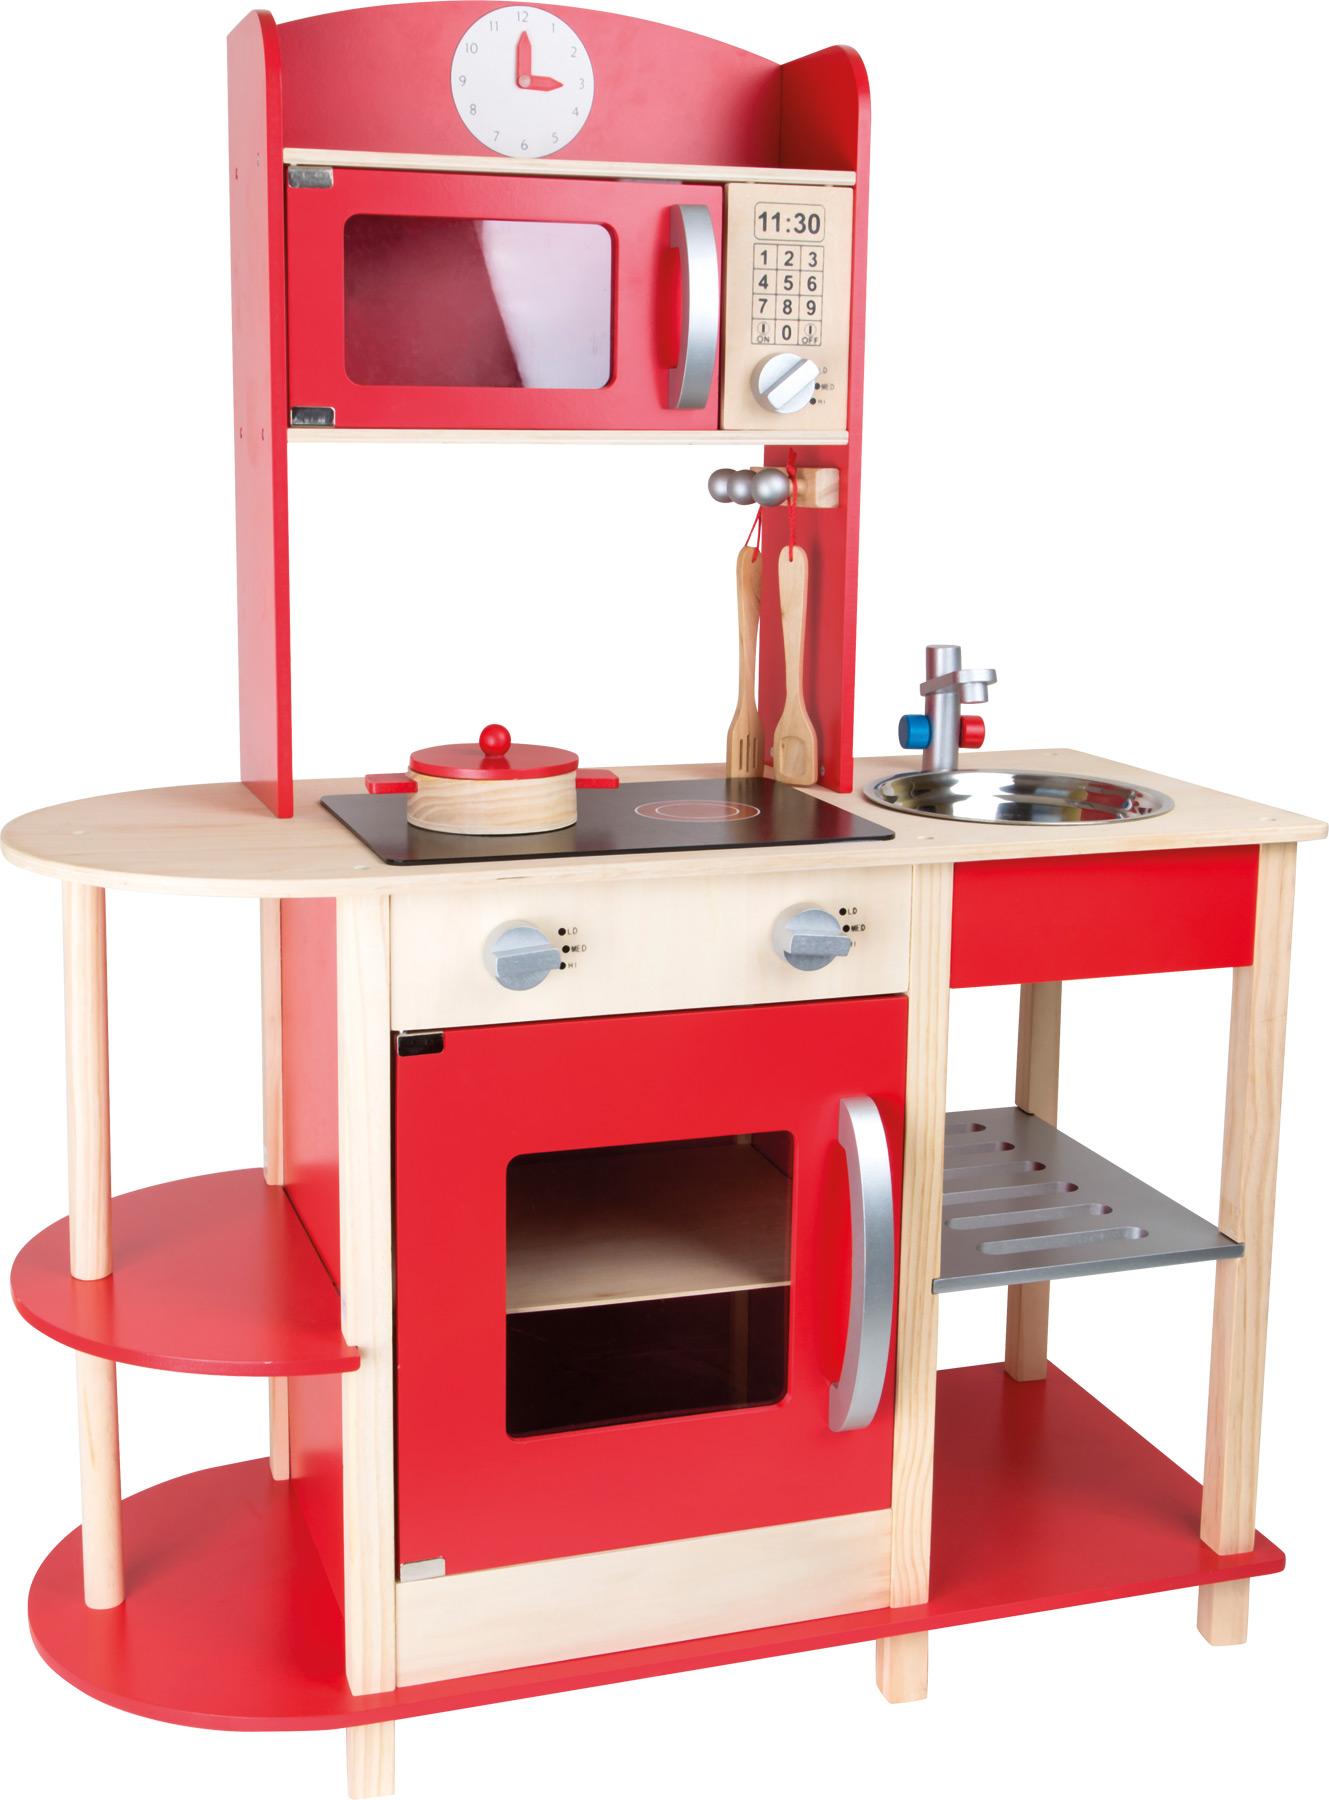 Dřevěná dětská kuchyňka Gourmet